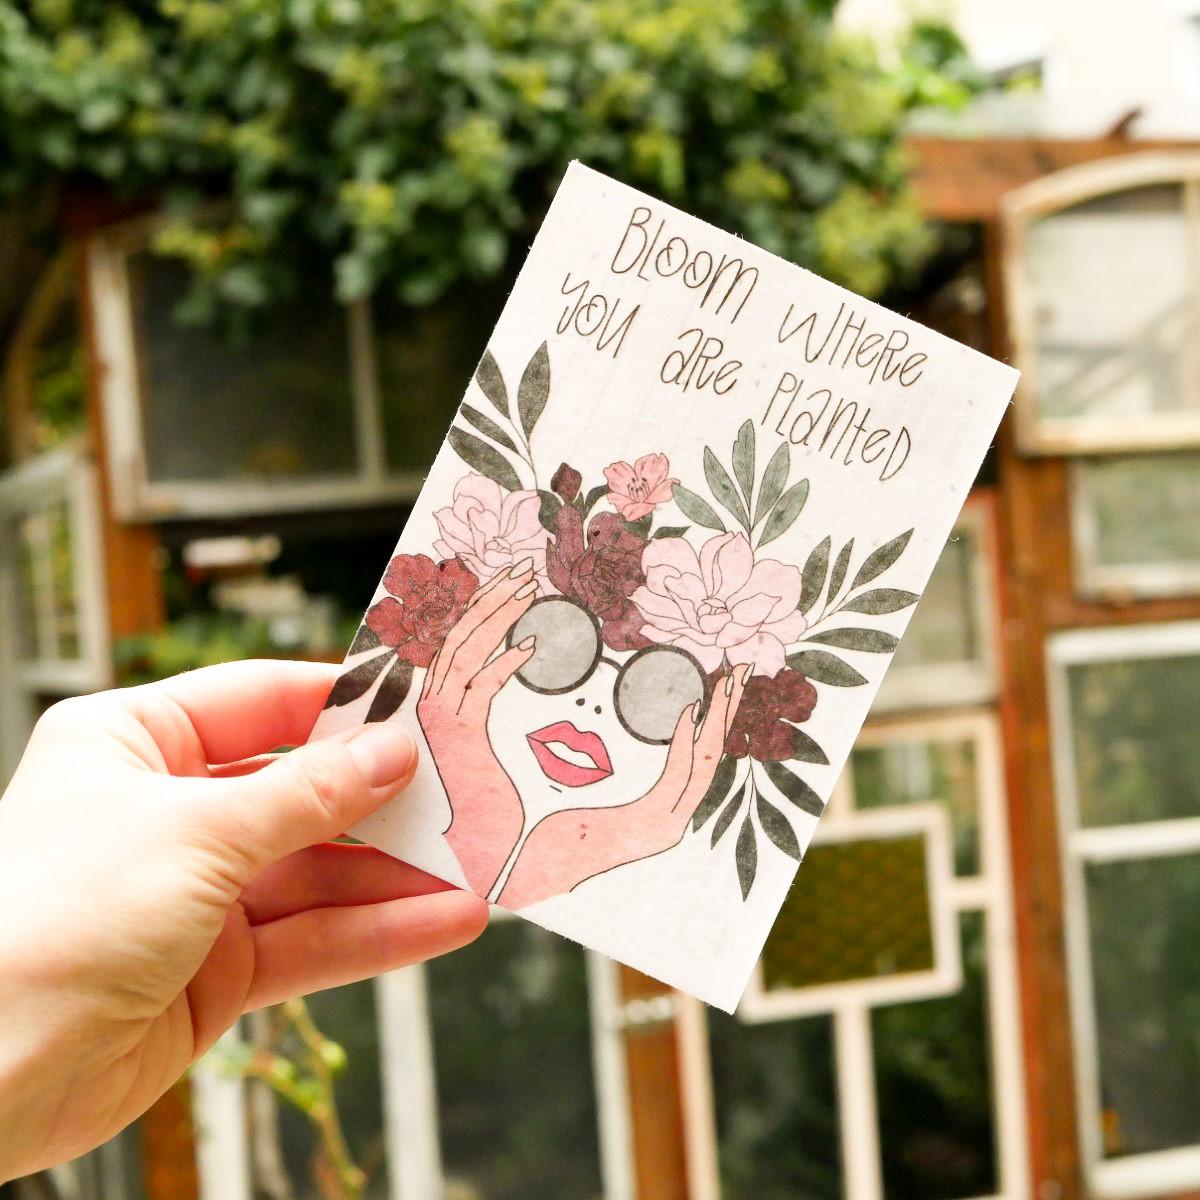 Einpflanzbare Postkarte aus Samenpapier mit Frau mit Sonnenbrille und Blumenkranz als Motiv.